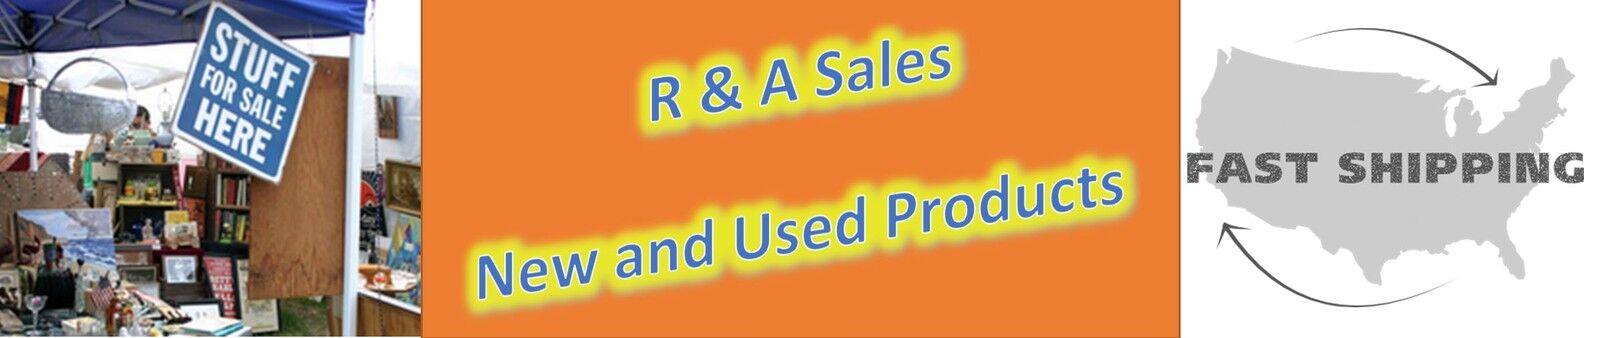 R & A Sales